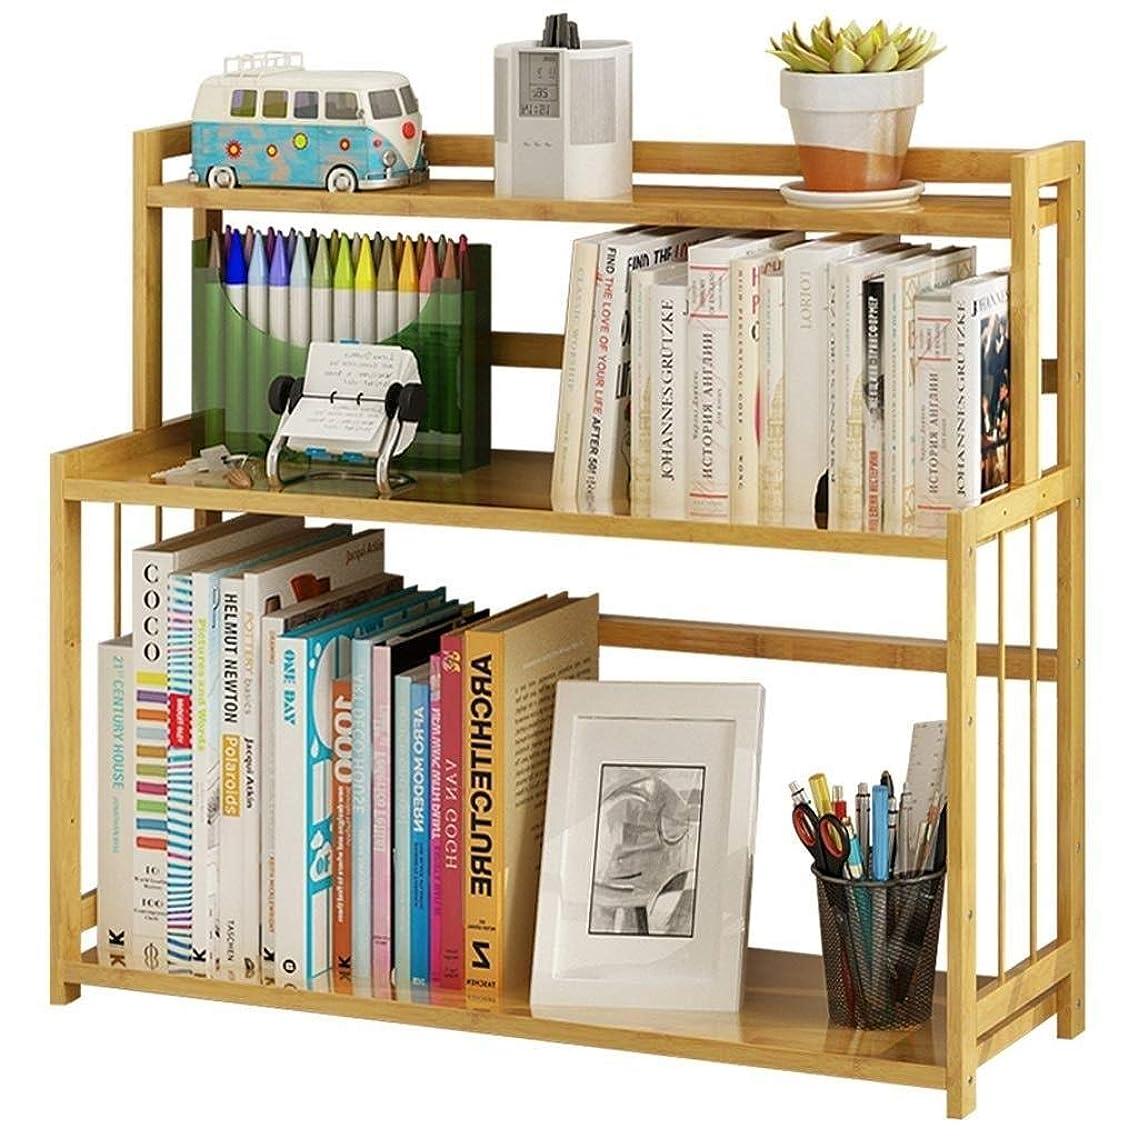 クラシック最も早い倒錯RMJAI リビングルーム 本棚デスクトップ本棚純木収納ラックオフィスシンプル本棚学生デスク本棚53×60×18センチ 家庭やオフィスに最適